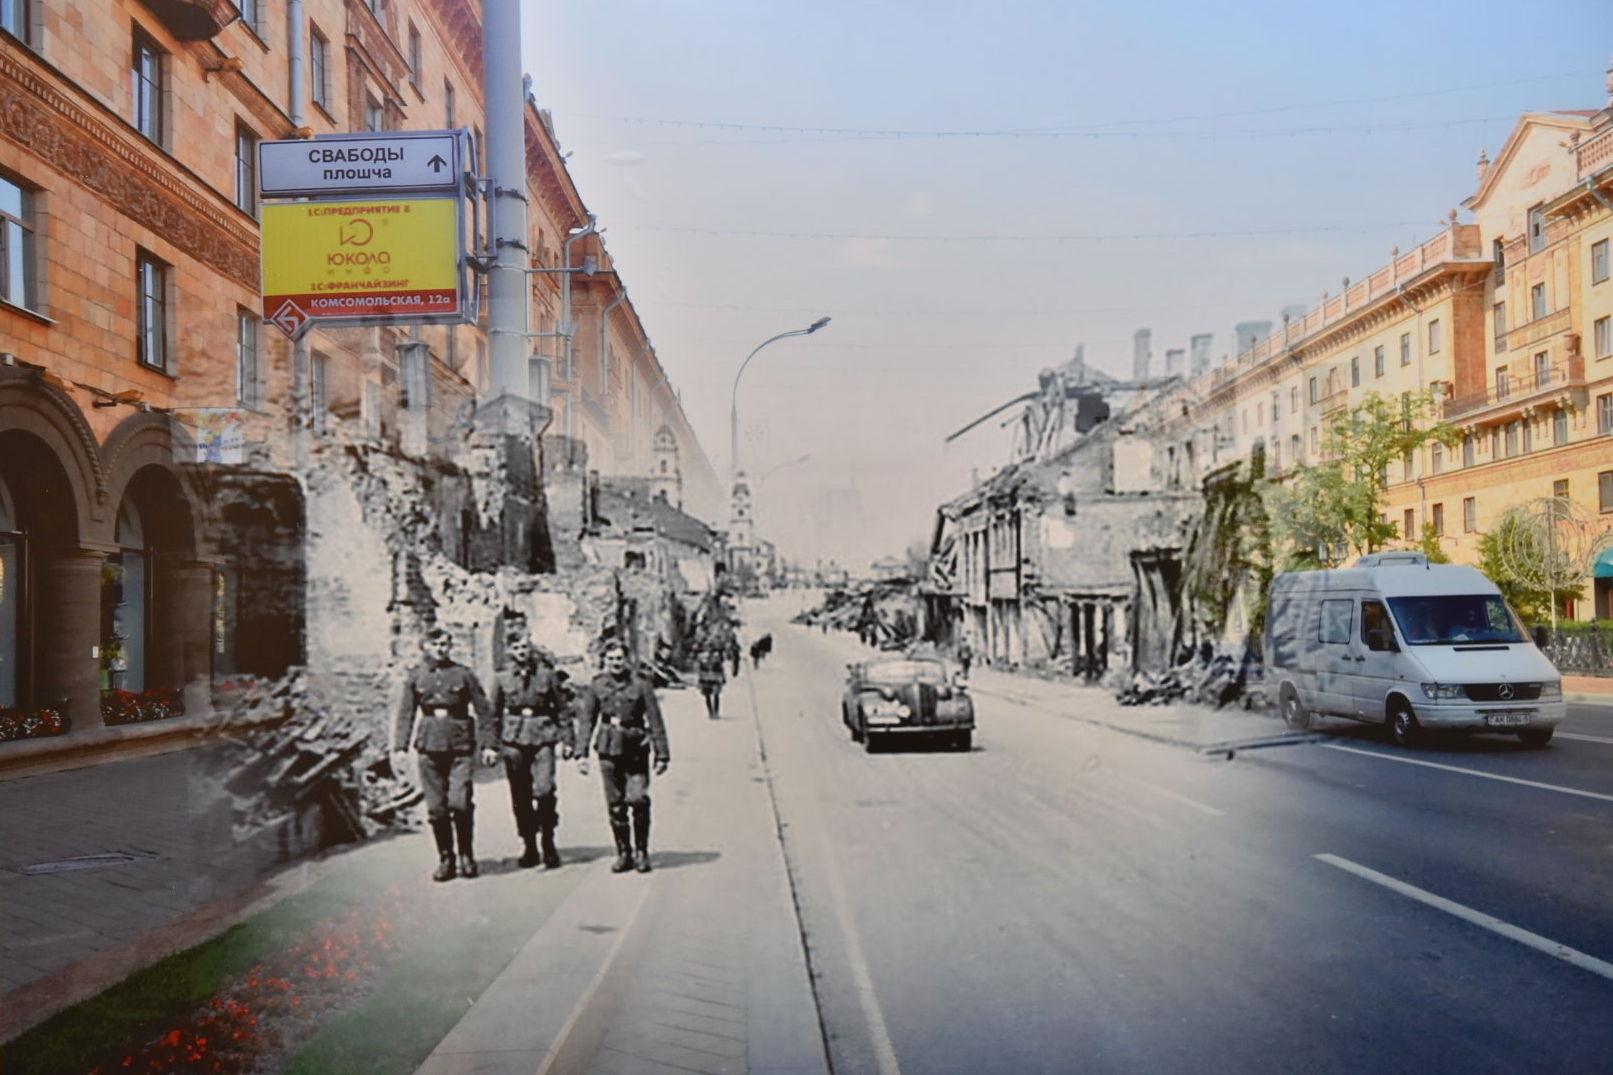 Выставка фотохудожника Сергея Ларенкова Крок да Перамогi (Шаг к Победе), посвященная 75-летию освобождения Беларуси от немецко-фашистских захватчиков открылась в столице